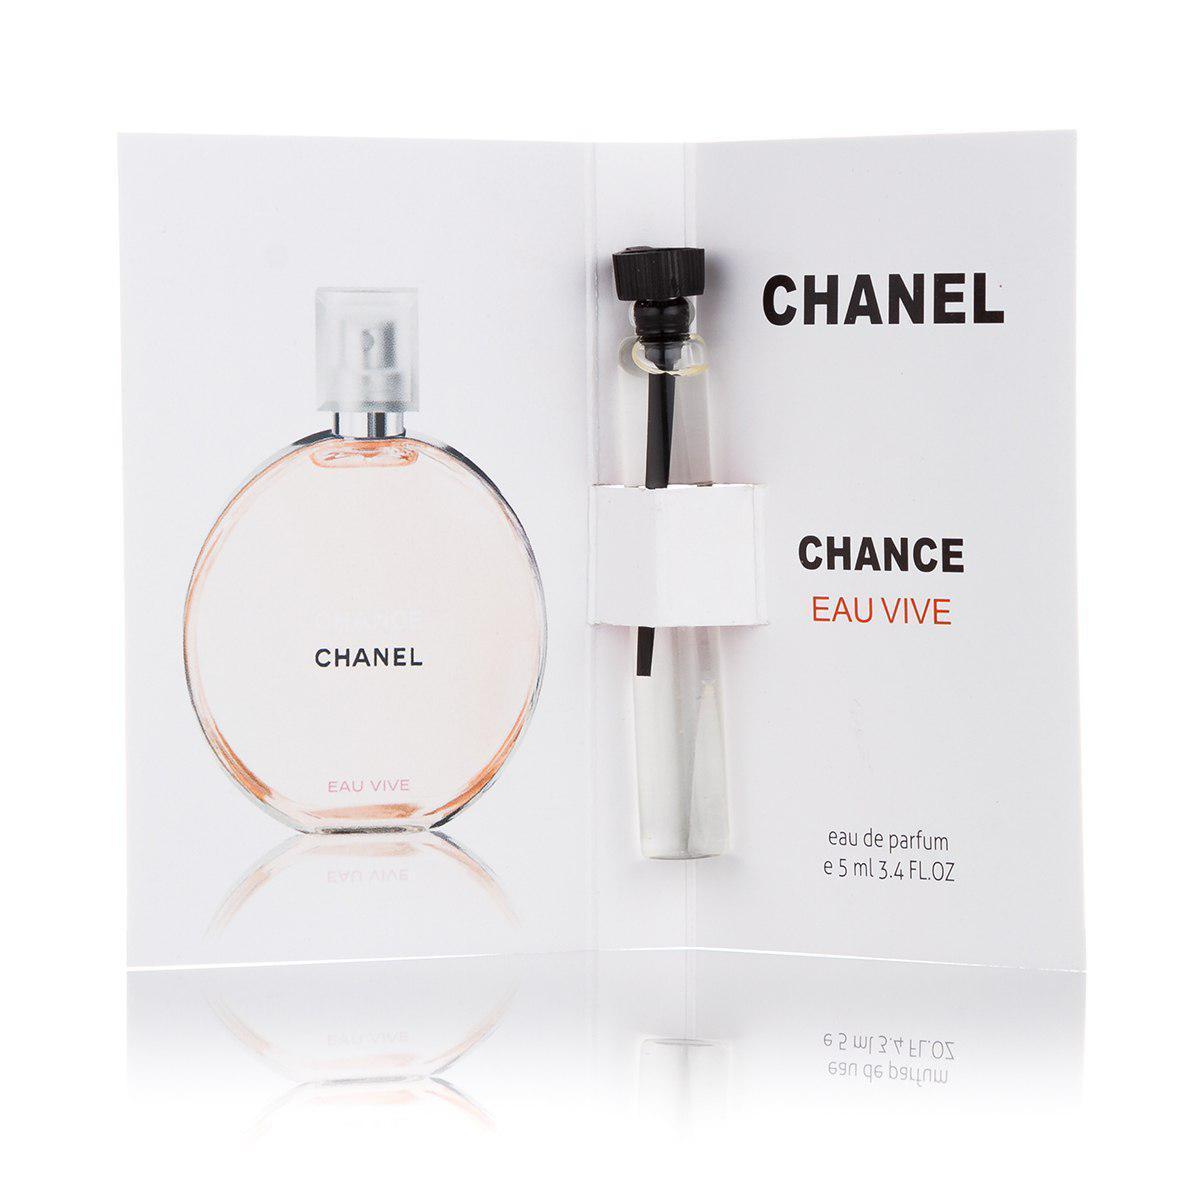 Chanel Chance Eau Vive (ж) 5 ml